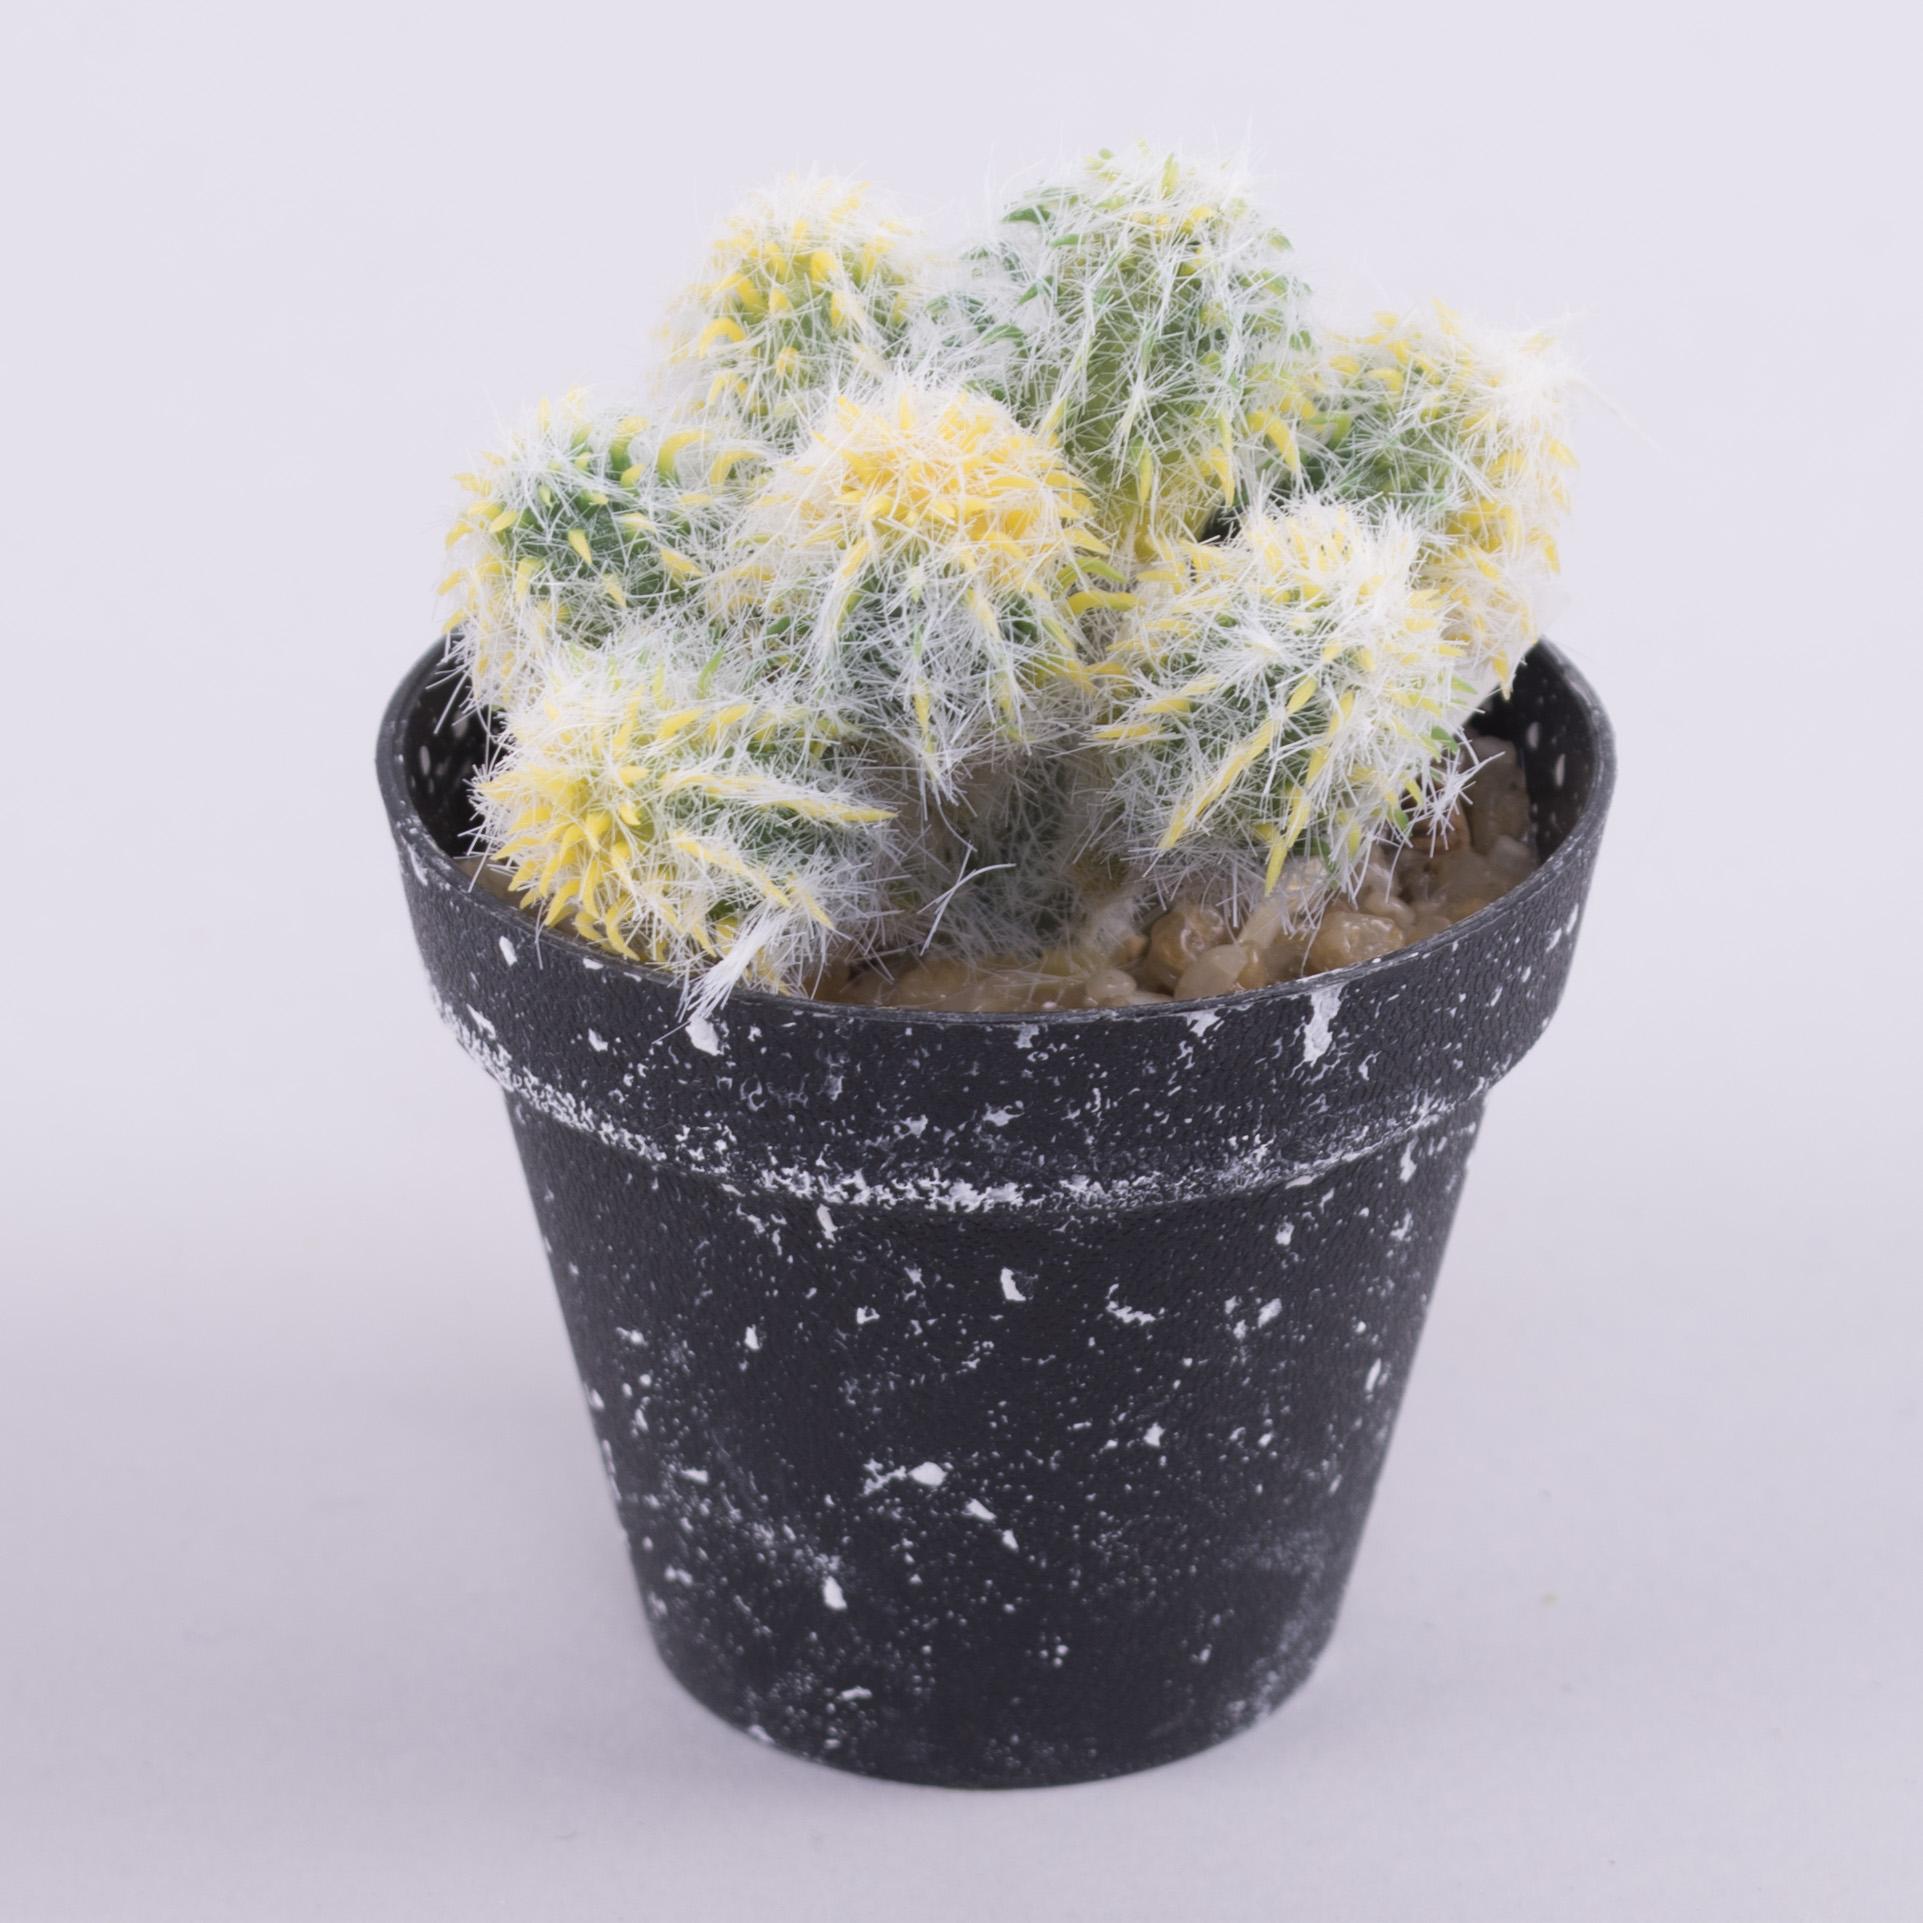 кактус в черном горшке